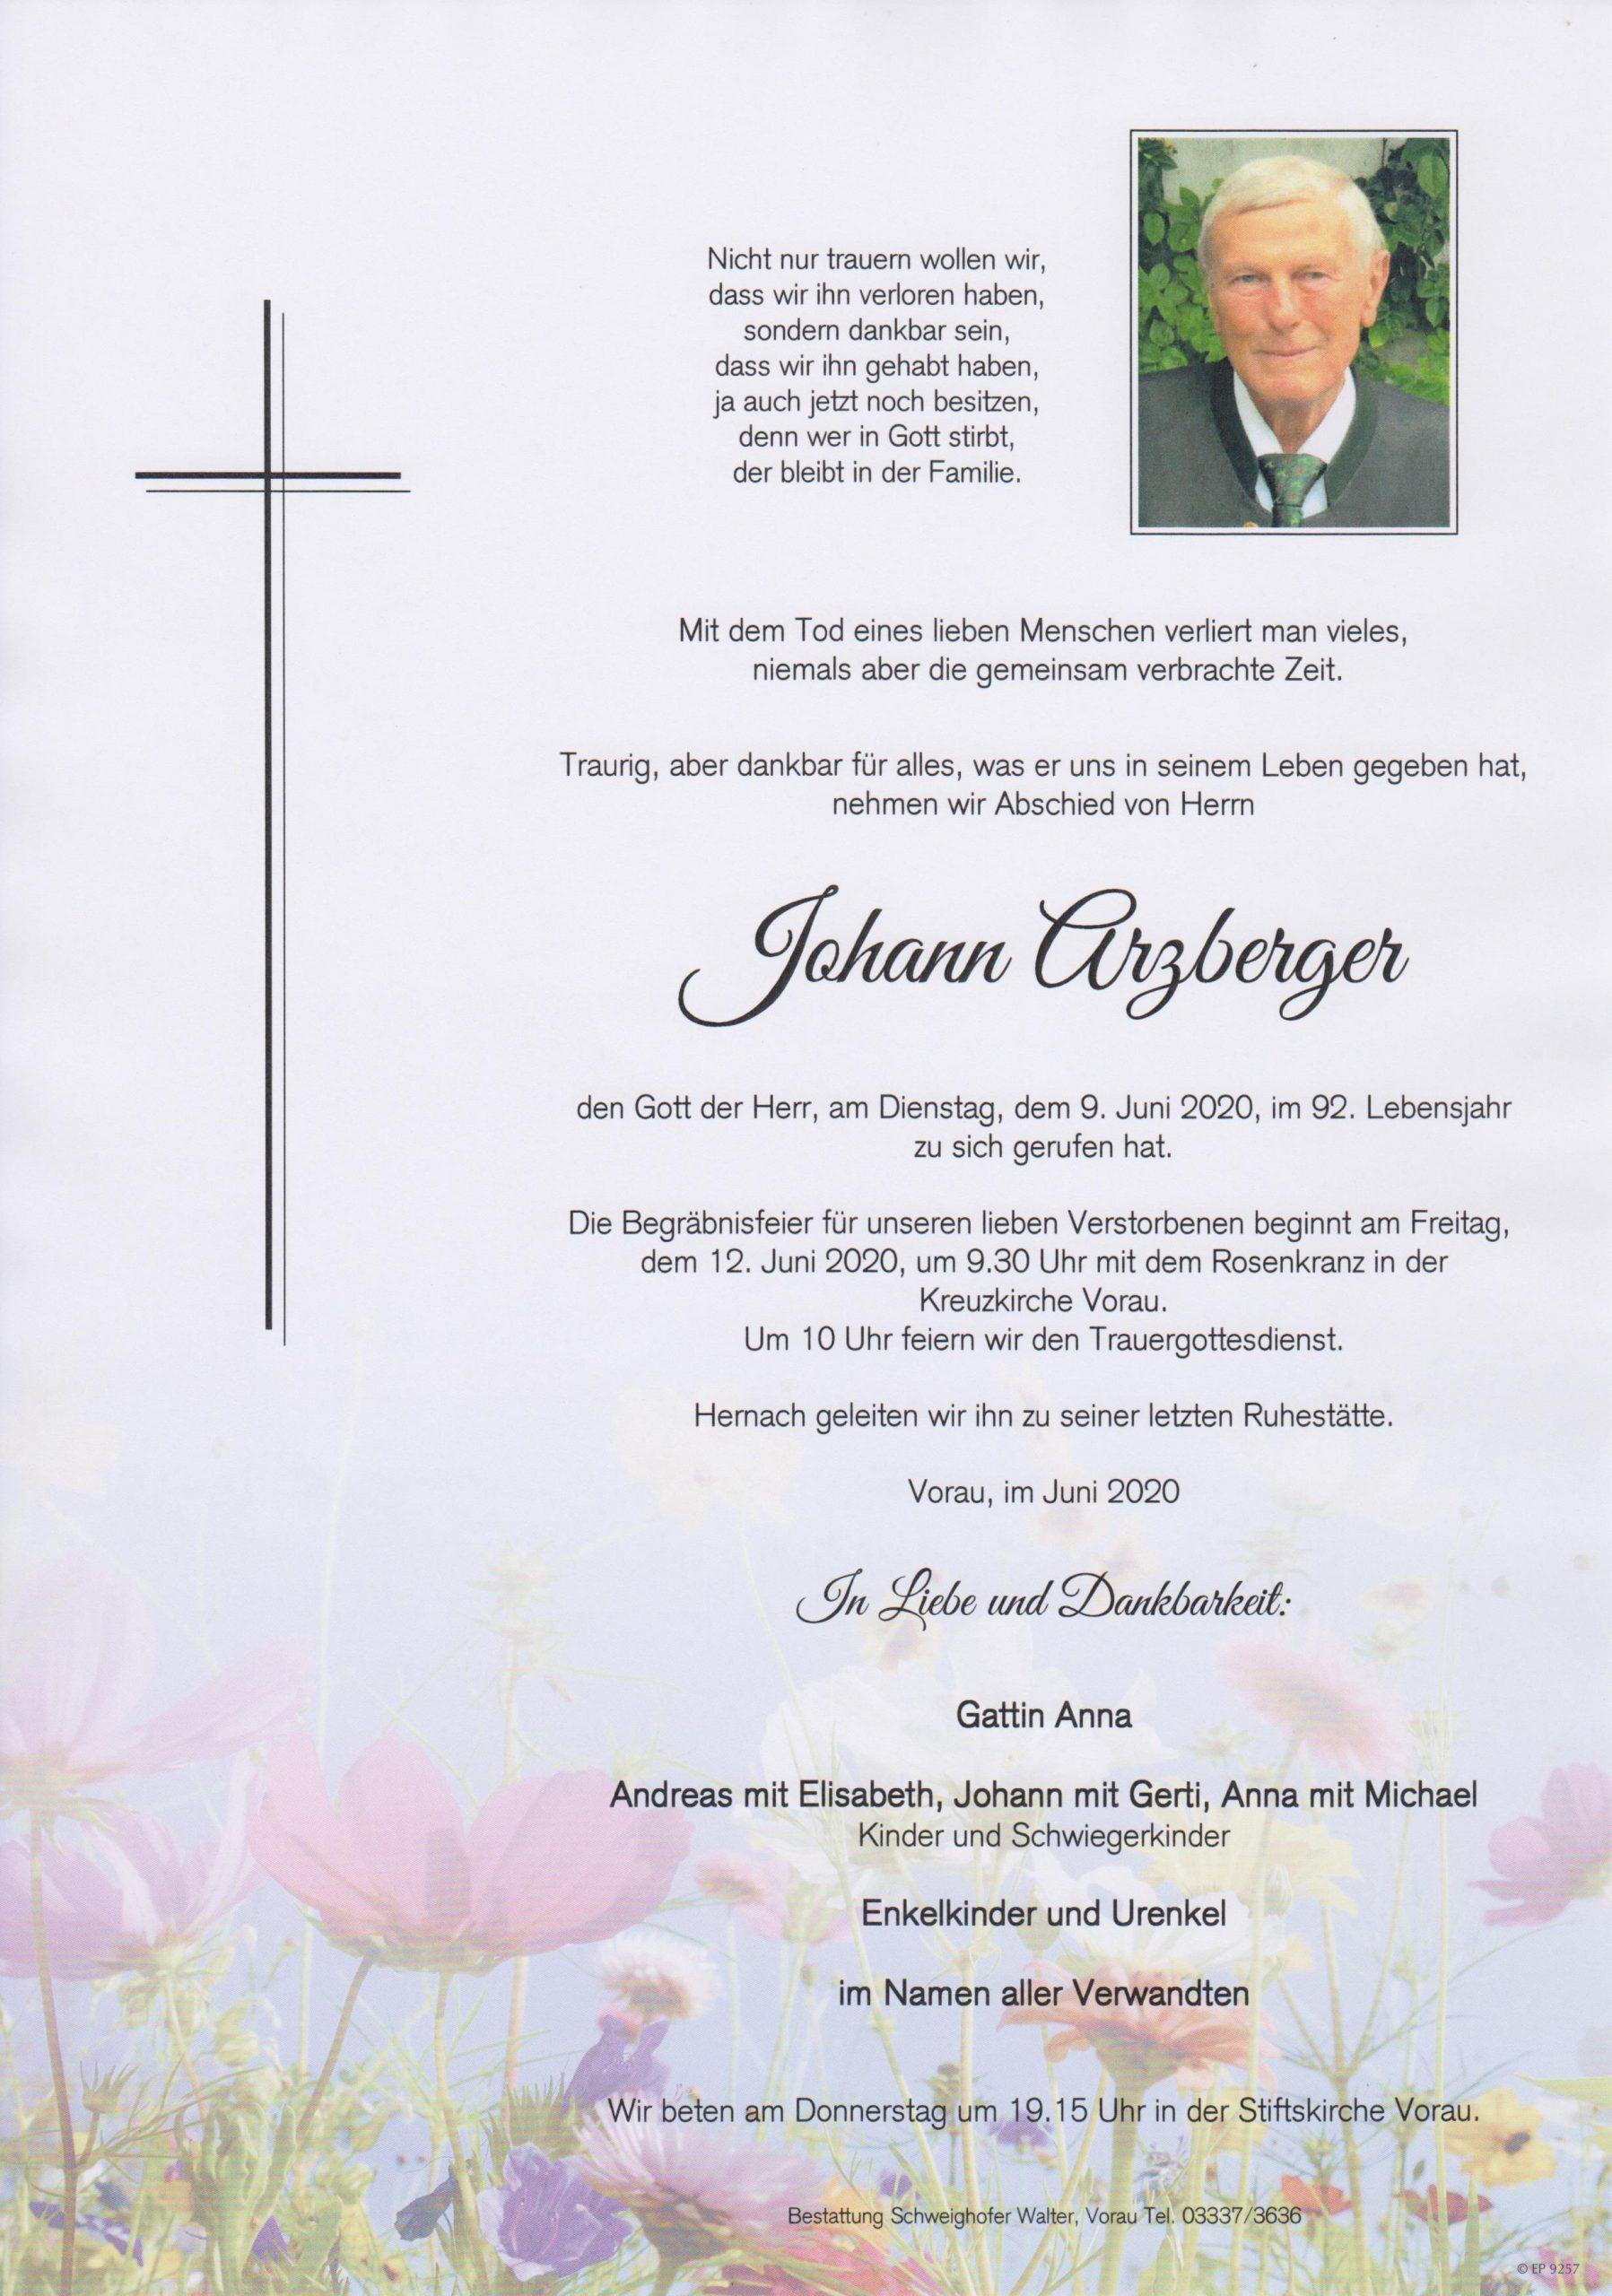 Johann Arzberger